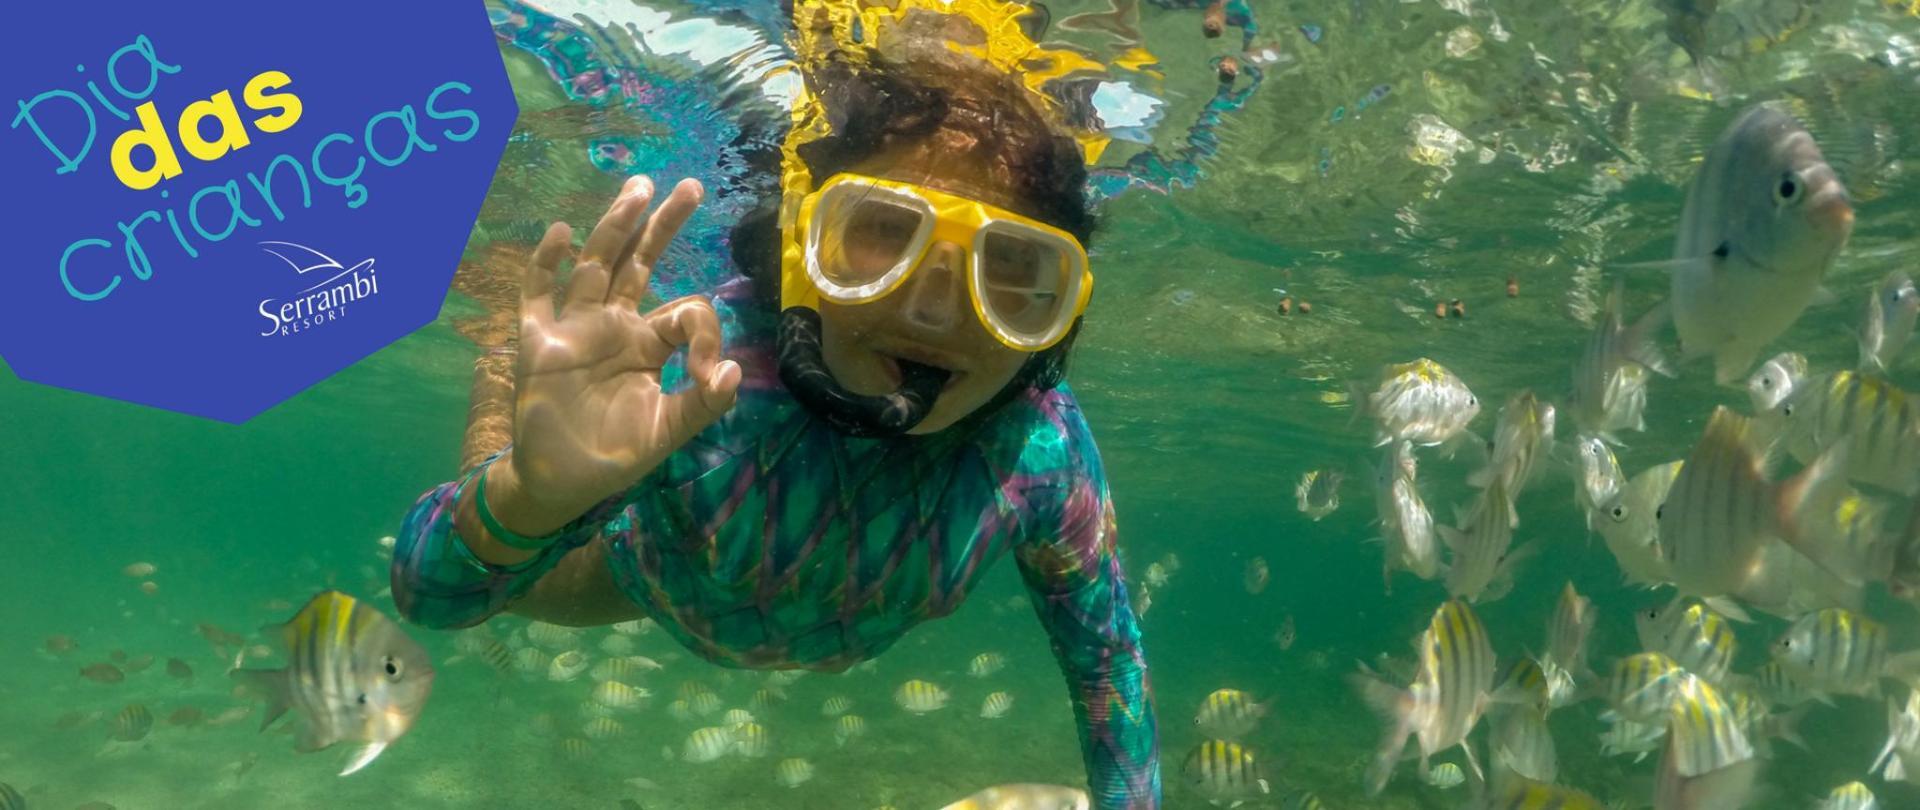 dia-das-criancas-serrambi-resort-menino-mergulhando-peixes.jpg